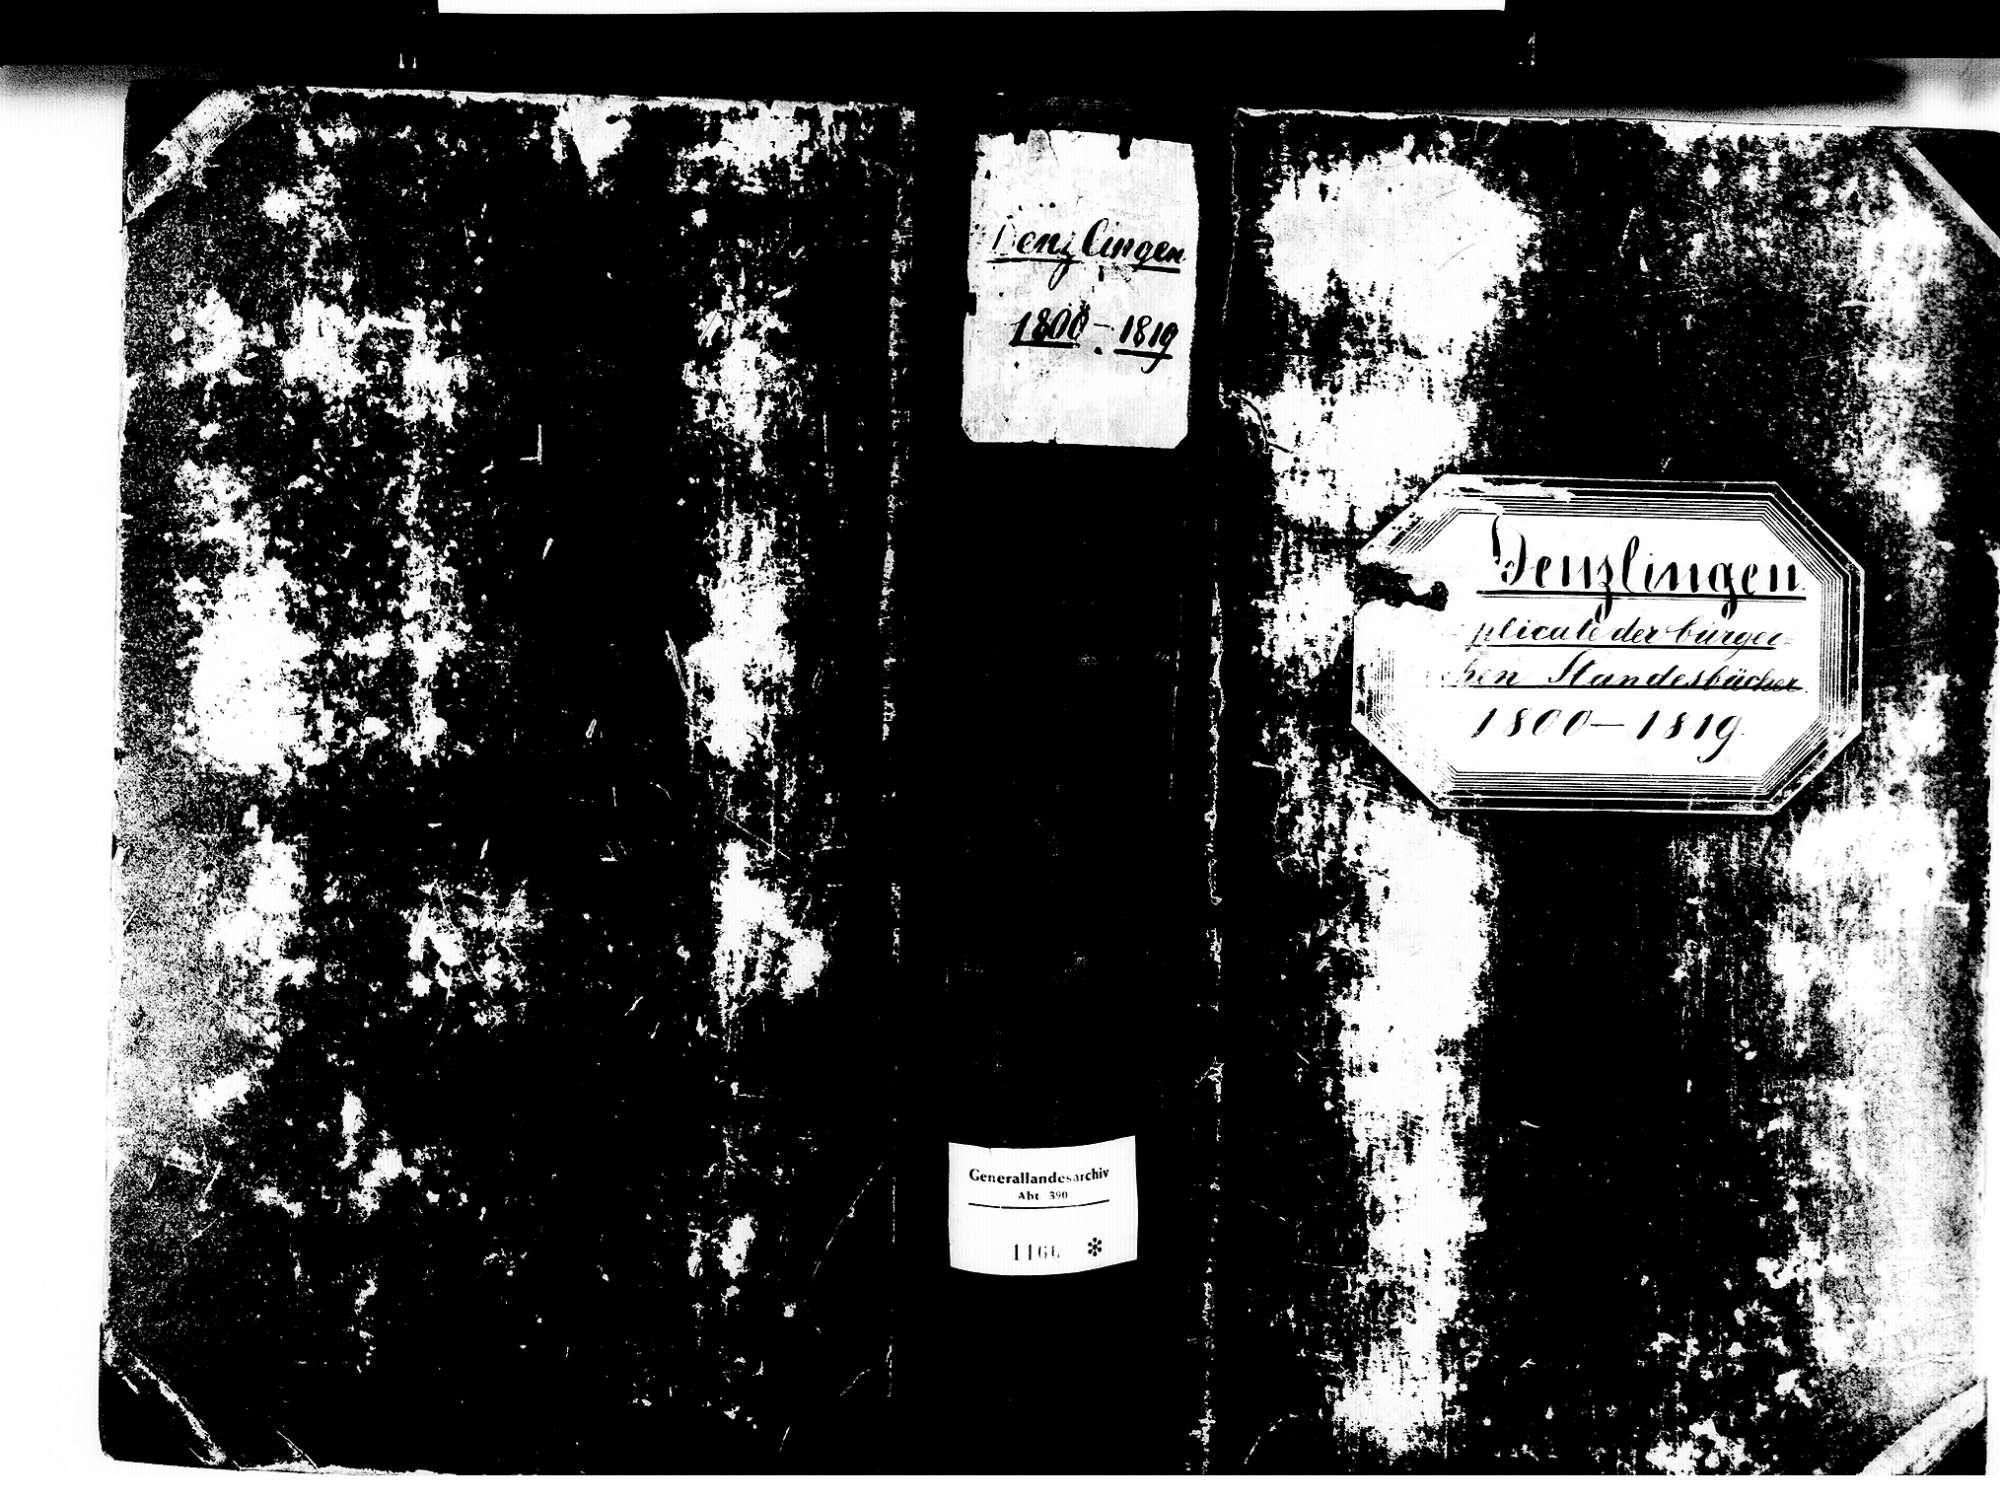 Denzlingen EM; Evangelische Gemeinde: Standesbuch 1800-1819, Bild 1